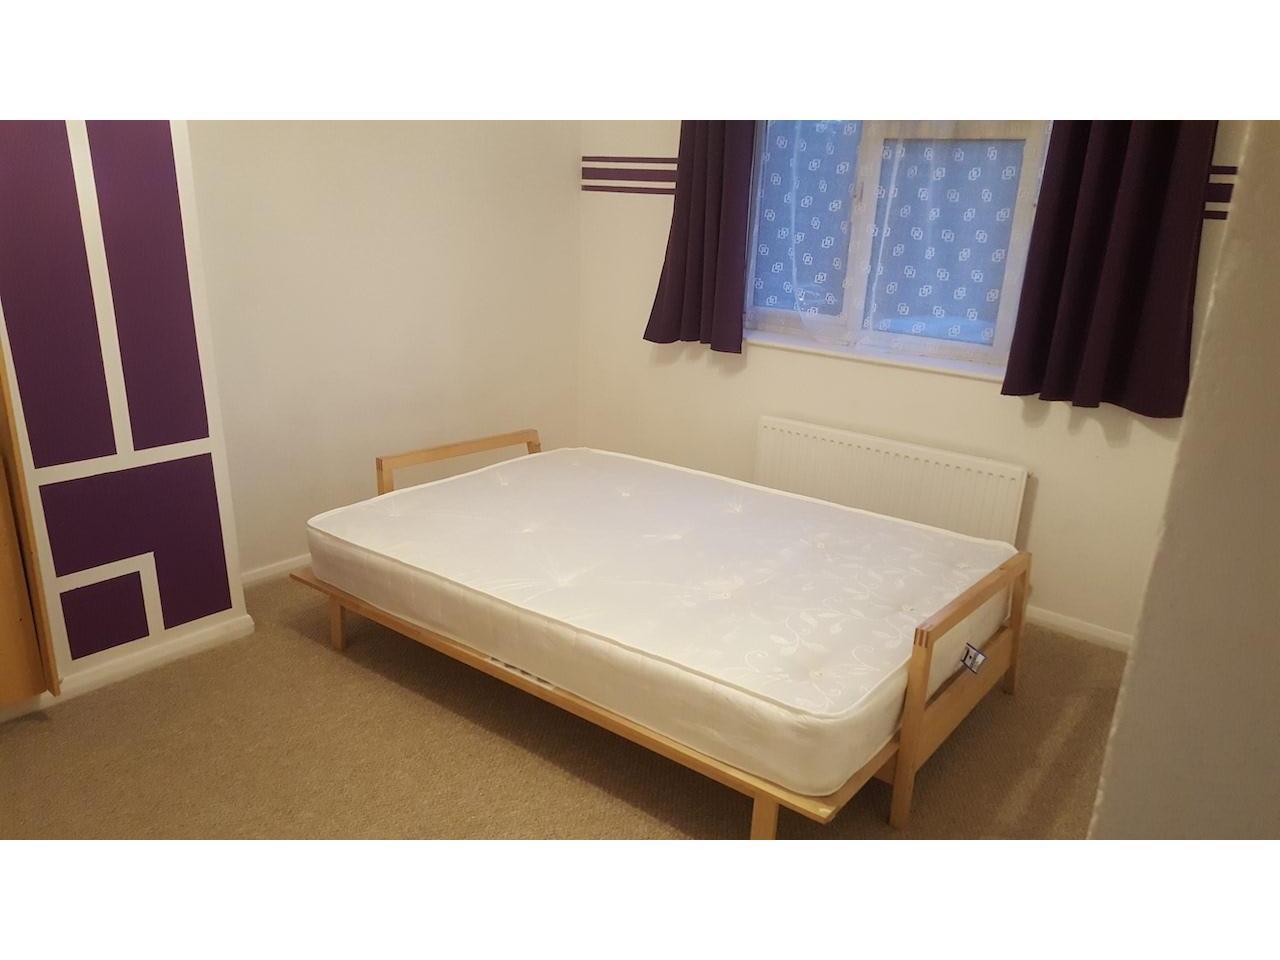 Сдаётся двухместная, чистая комнатa для девушки - 1